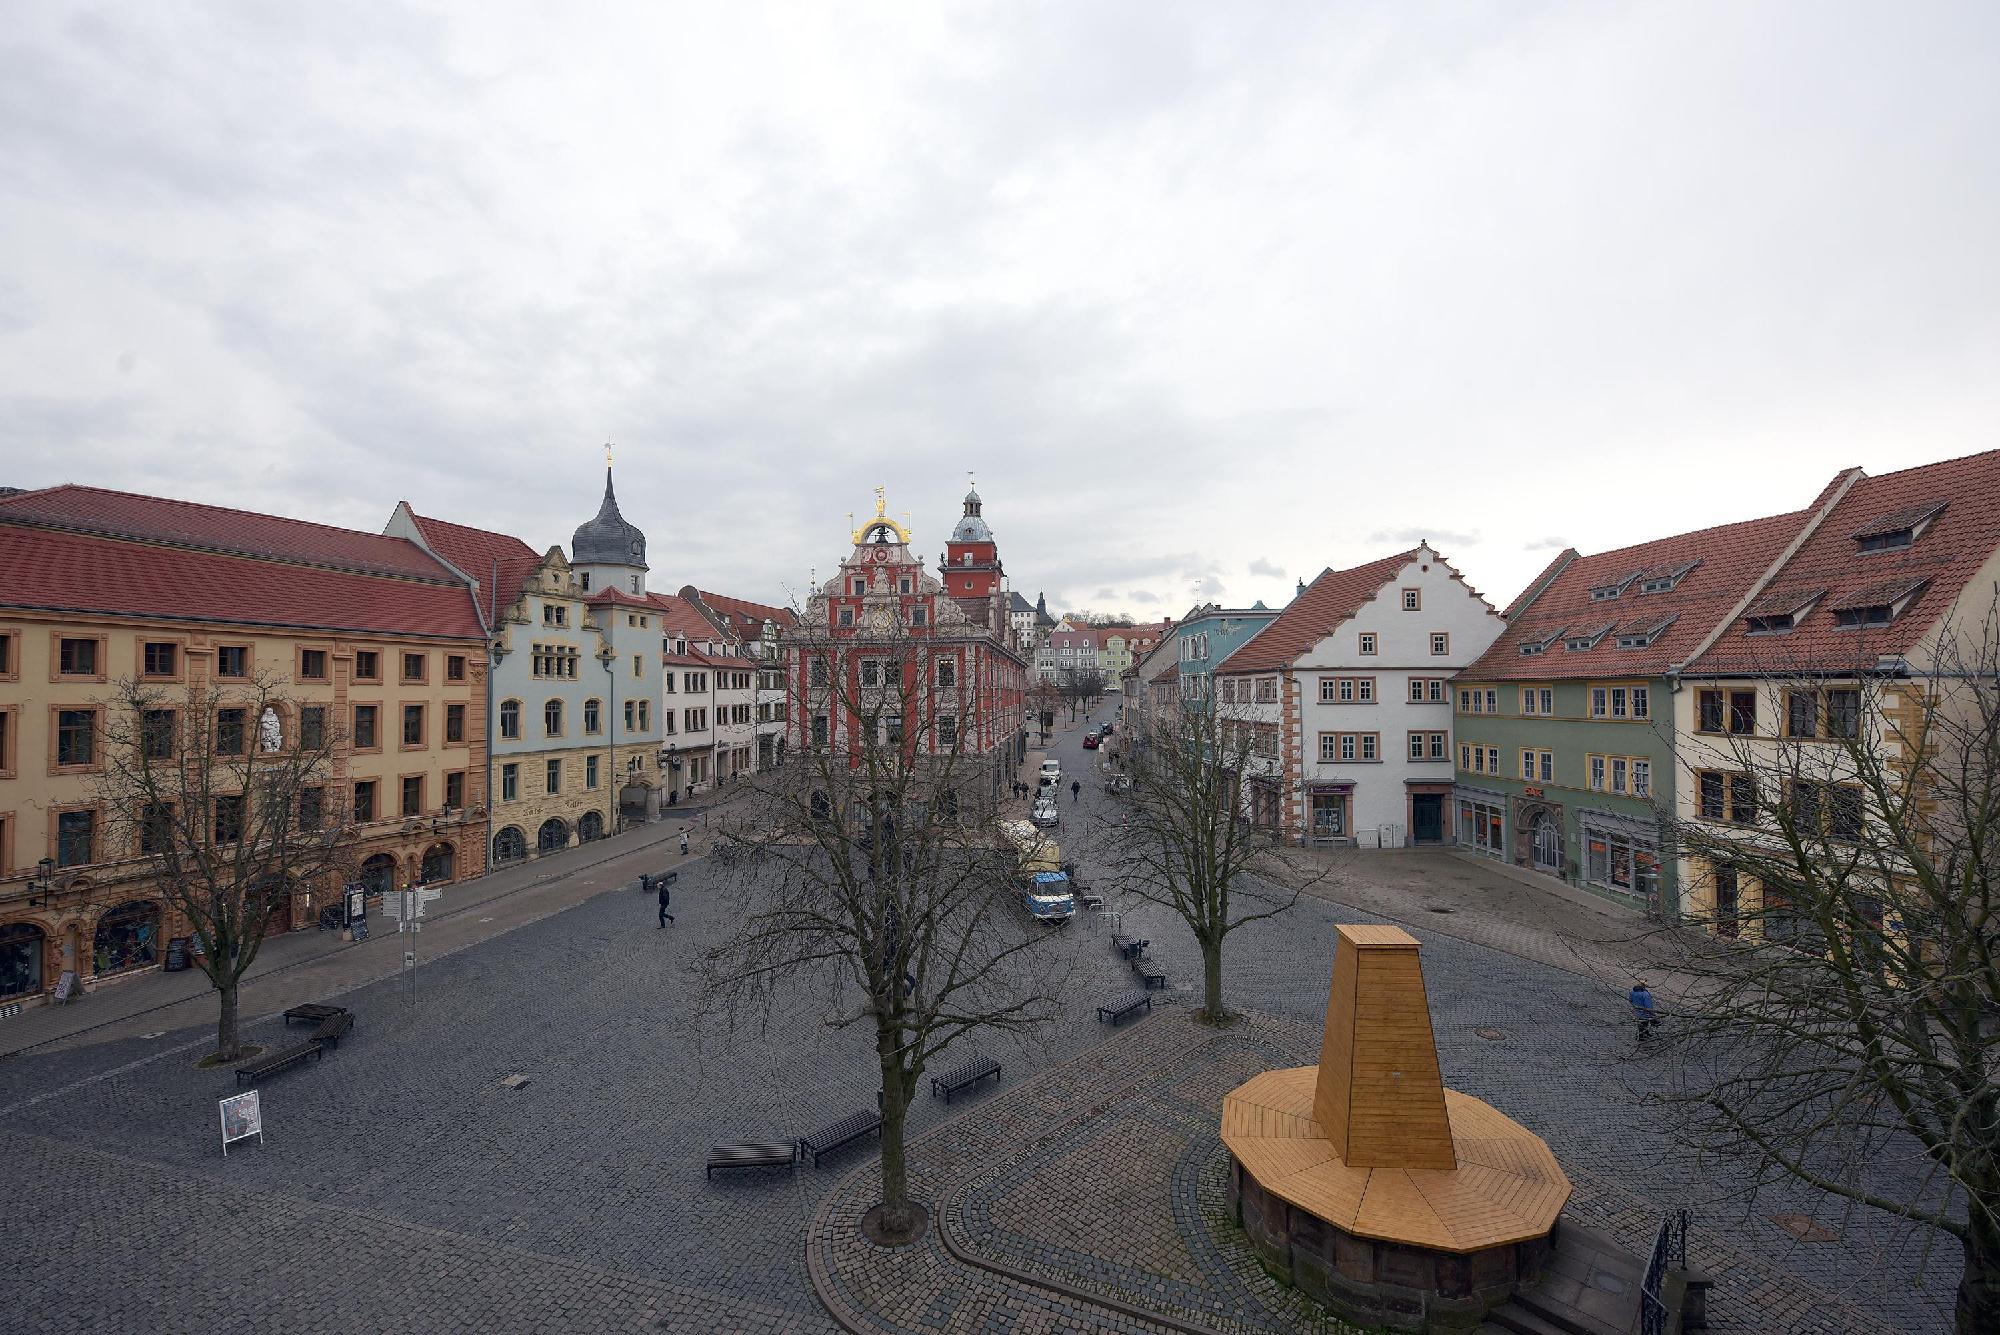 Blick auf den Gothaer Markt